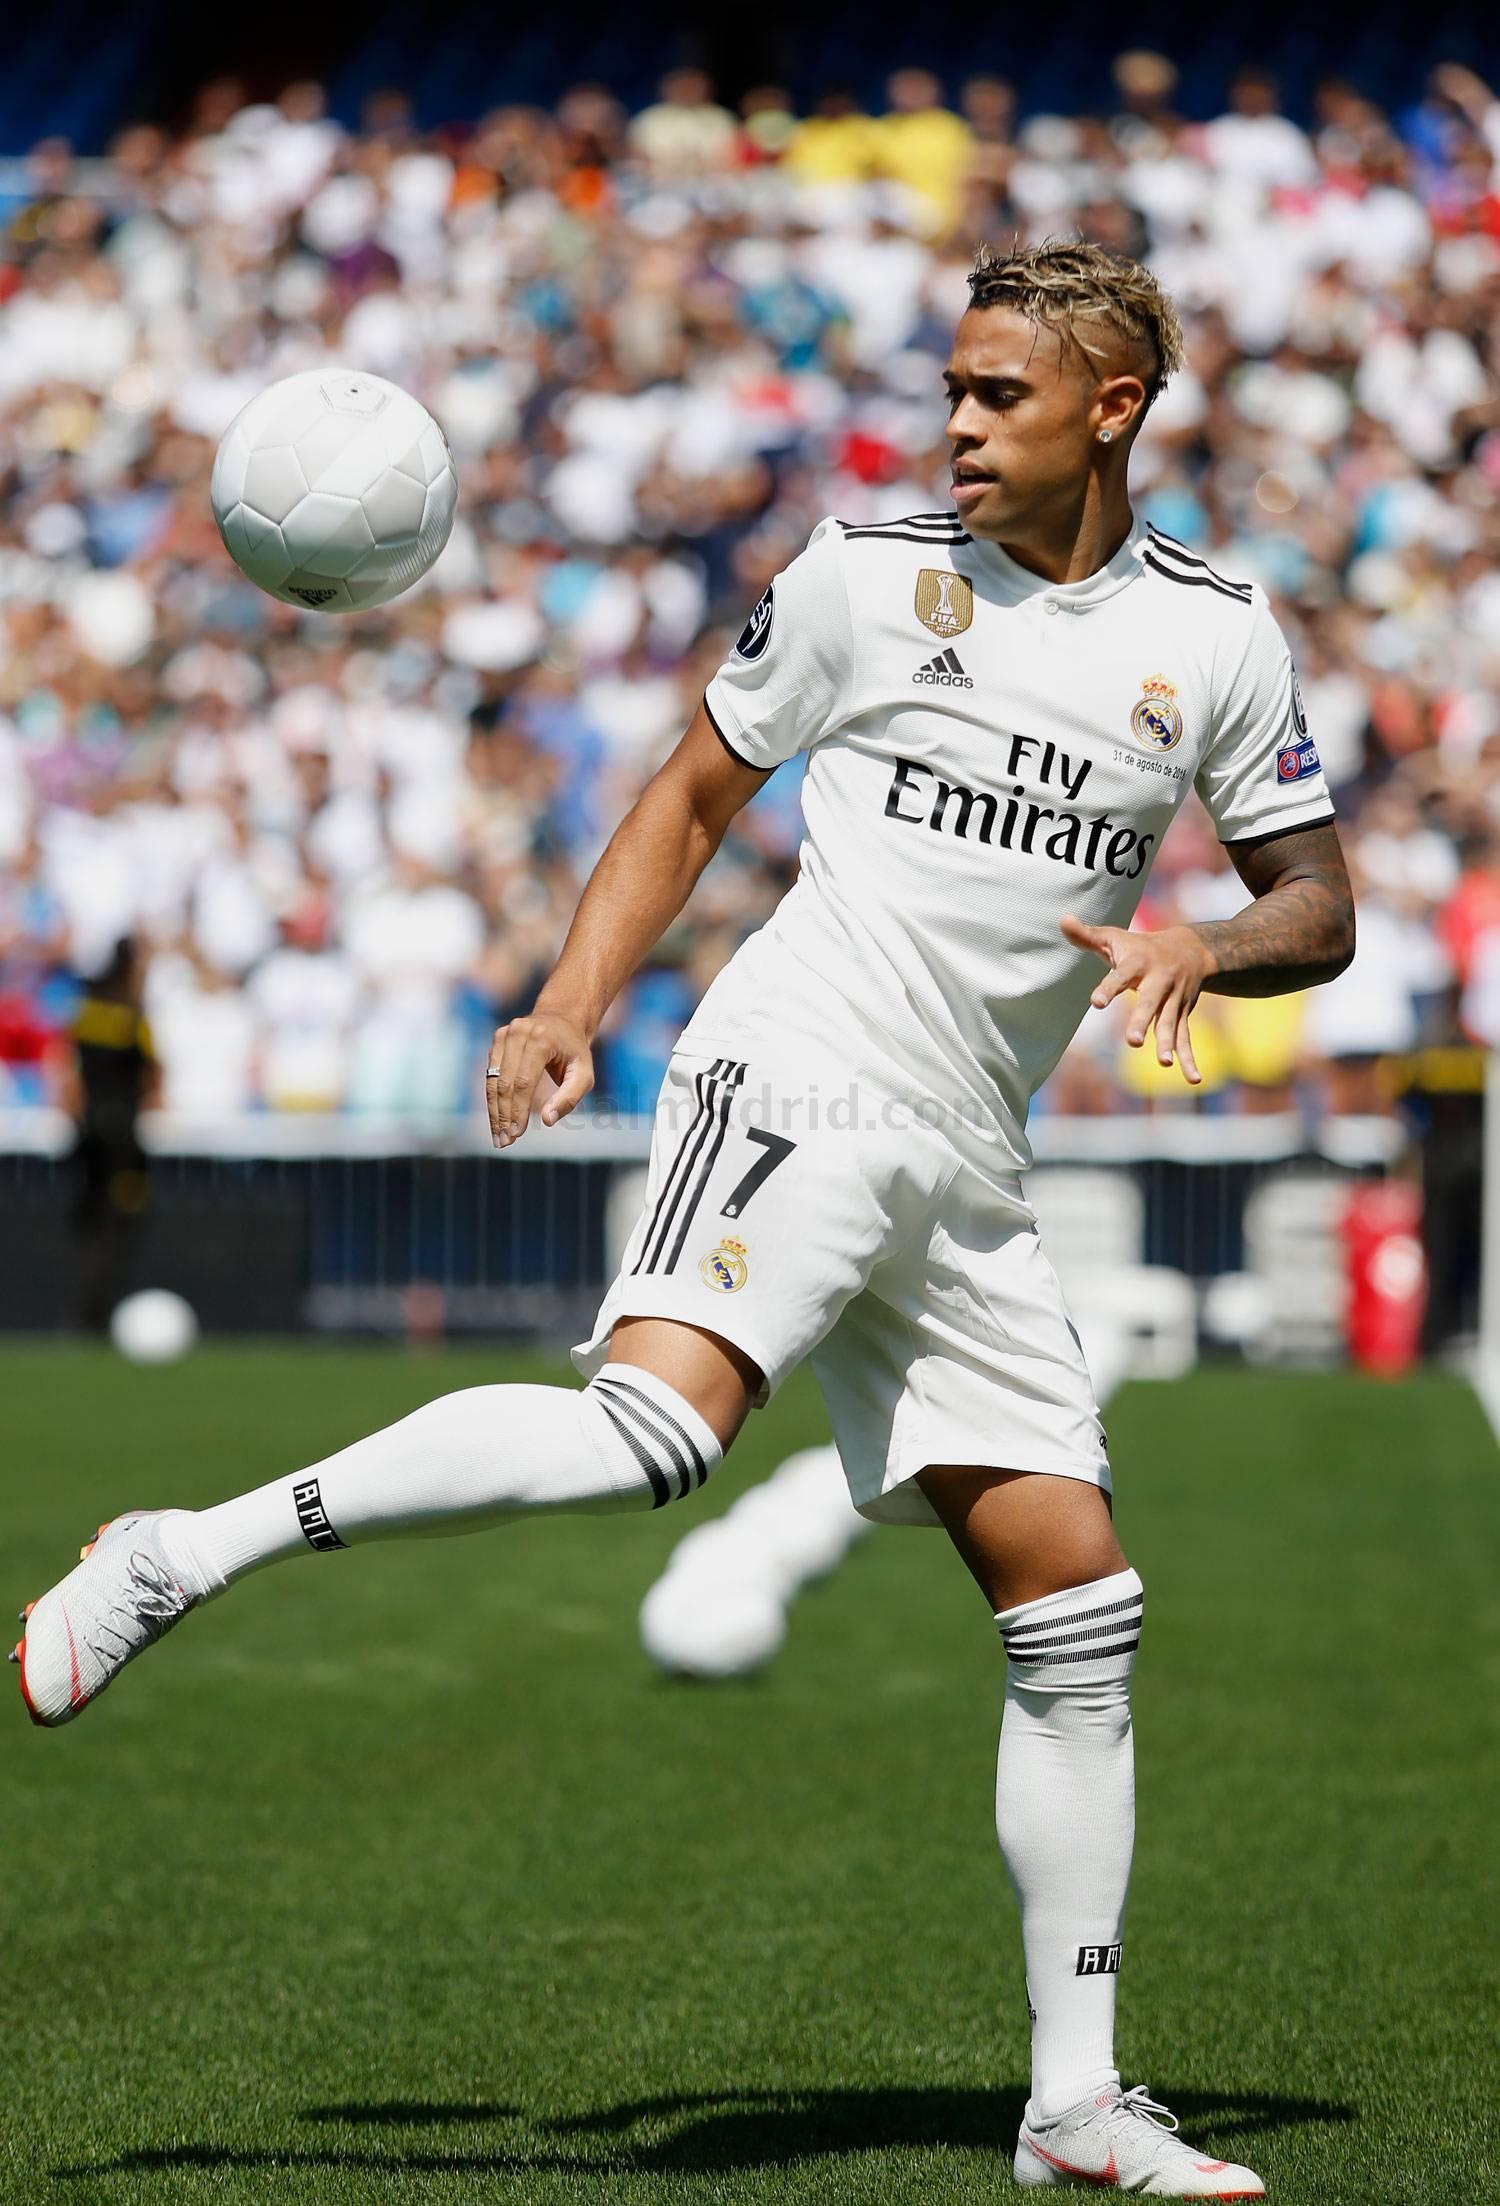 """Il Real Madrid cancella definitivamente Cristiano Ronaldo, assegnando la maglia numero 7 che per 9 stagioni è stata del fenomeno portoghese a Mariano Diaz, attaccante classe 1993, cresciuto nella Cantera dei blancos e reduce da una stagione folgorante con la maglia del Lione (21 gol in 42 presenze complessive). Il nuovo bomber è stato presentato allo Stadio Bernabeu e, dopo la presentazione, ha assaggiato il terreno di gioco.""""Per me la cosa importante non è il numero, è una sfida e un orgoglio portare questo numero che è stato indossato da diverse leggende. Era libero ed ero molto entusiasta di indossarlo"""" ha commentato."""